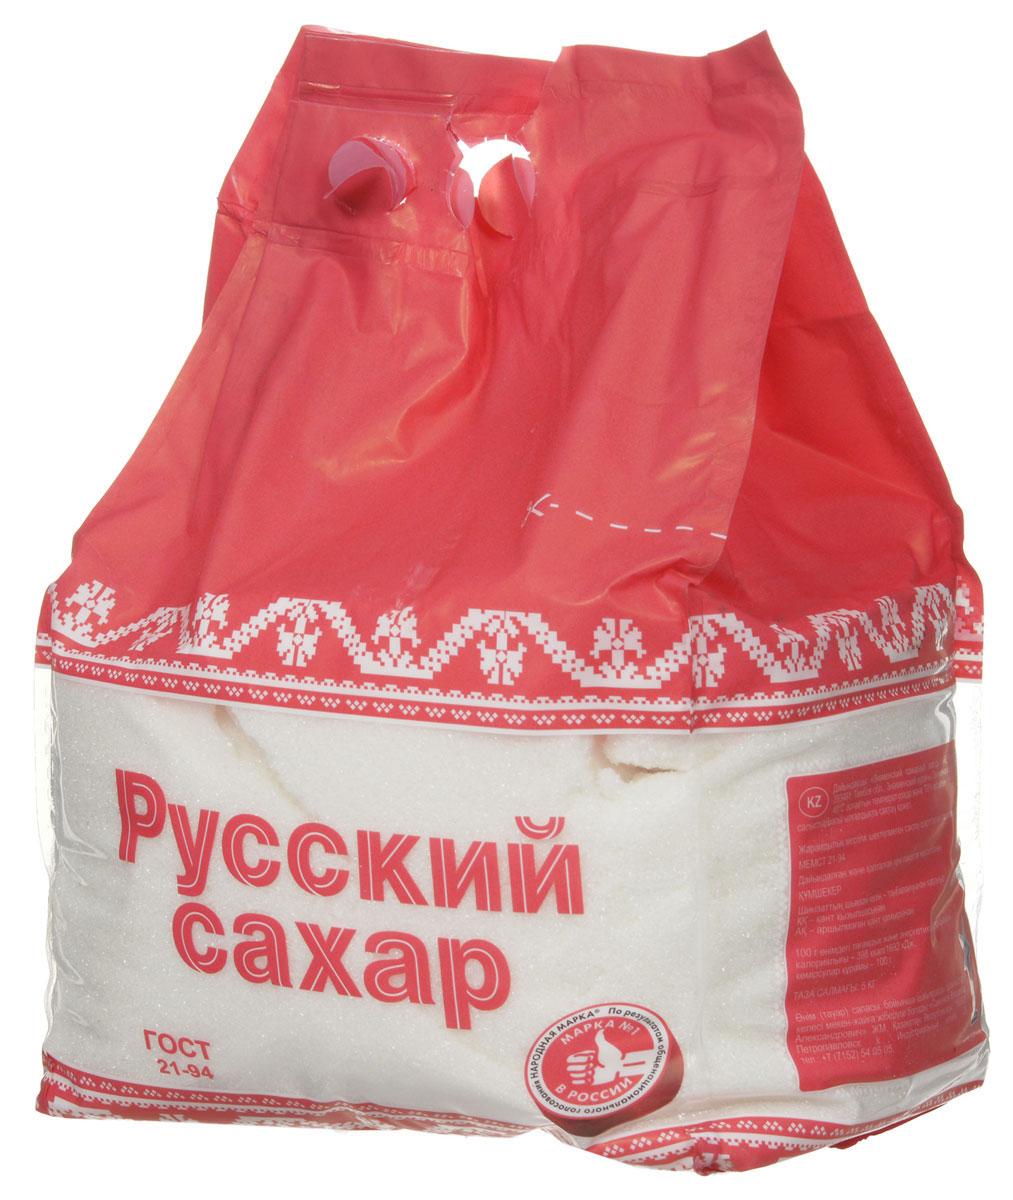 Русский сахар сахарный песок, 5 кг81042Сахарный песок Русский сахар изготовлен из качественного сырья - сахарной свеклы. Отлично подойдет как ингредиент для приготовления пищи и ежедневного употребления с различными напитками. Уважаемые клиенты! Обращаем ваше внимание на то, что упаковка может иметь несколько видов дизайна. Поставка осуществляется в зависимости от наличия на складе.